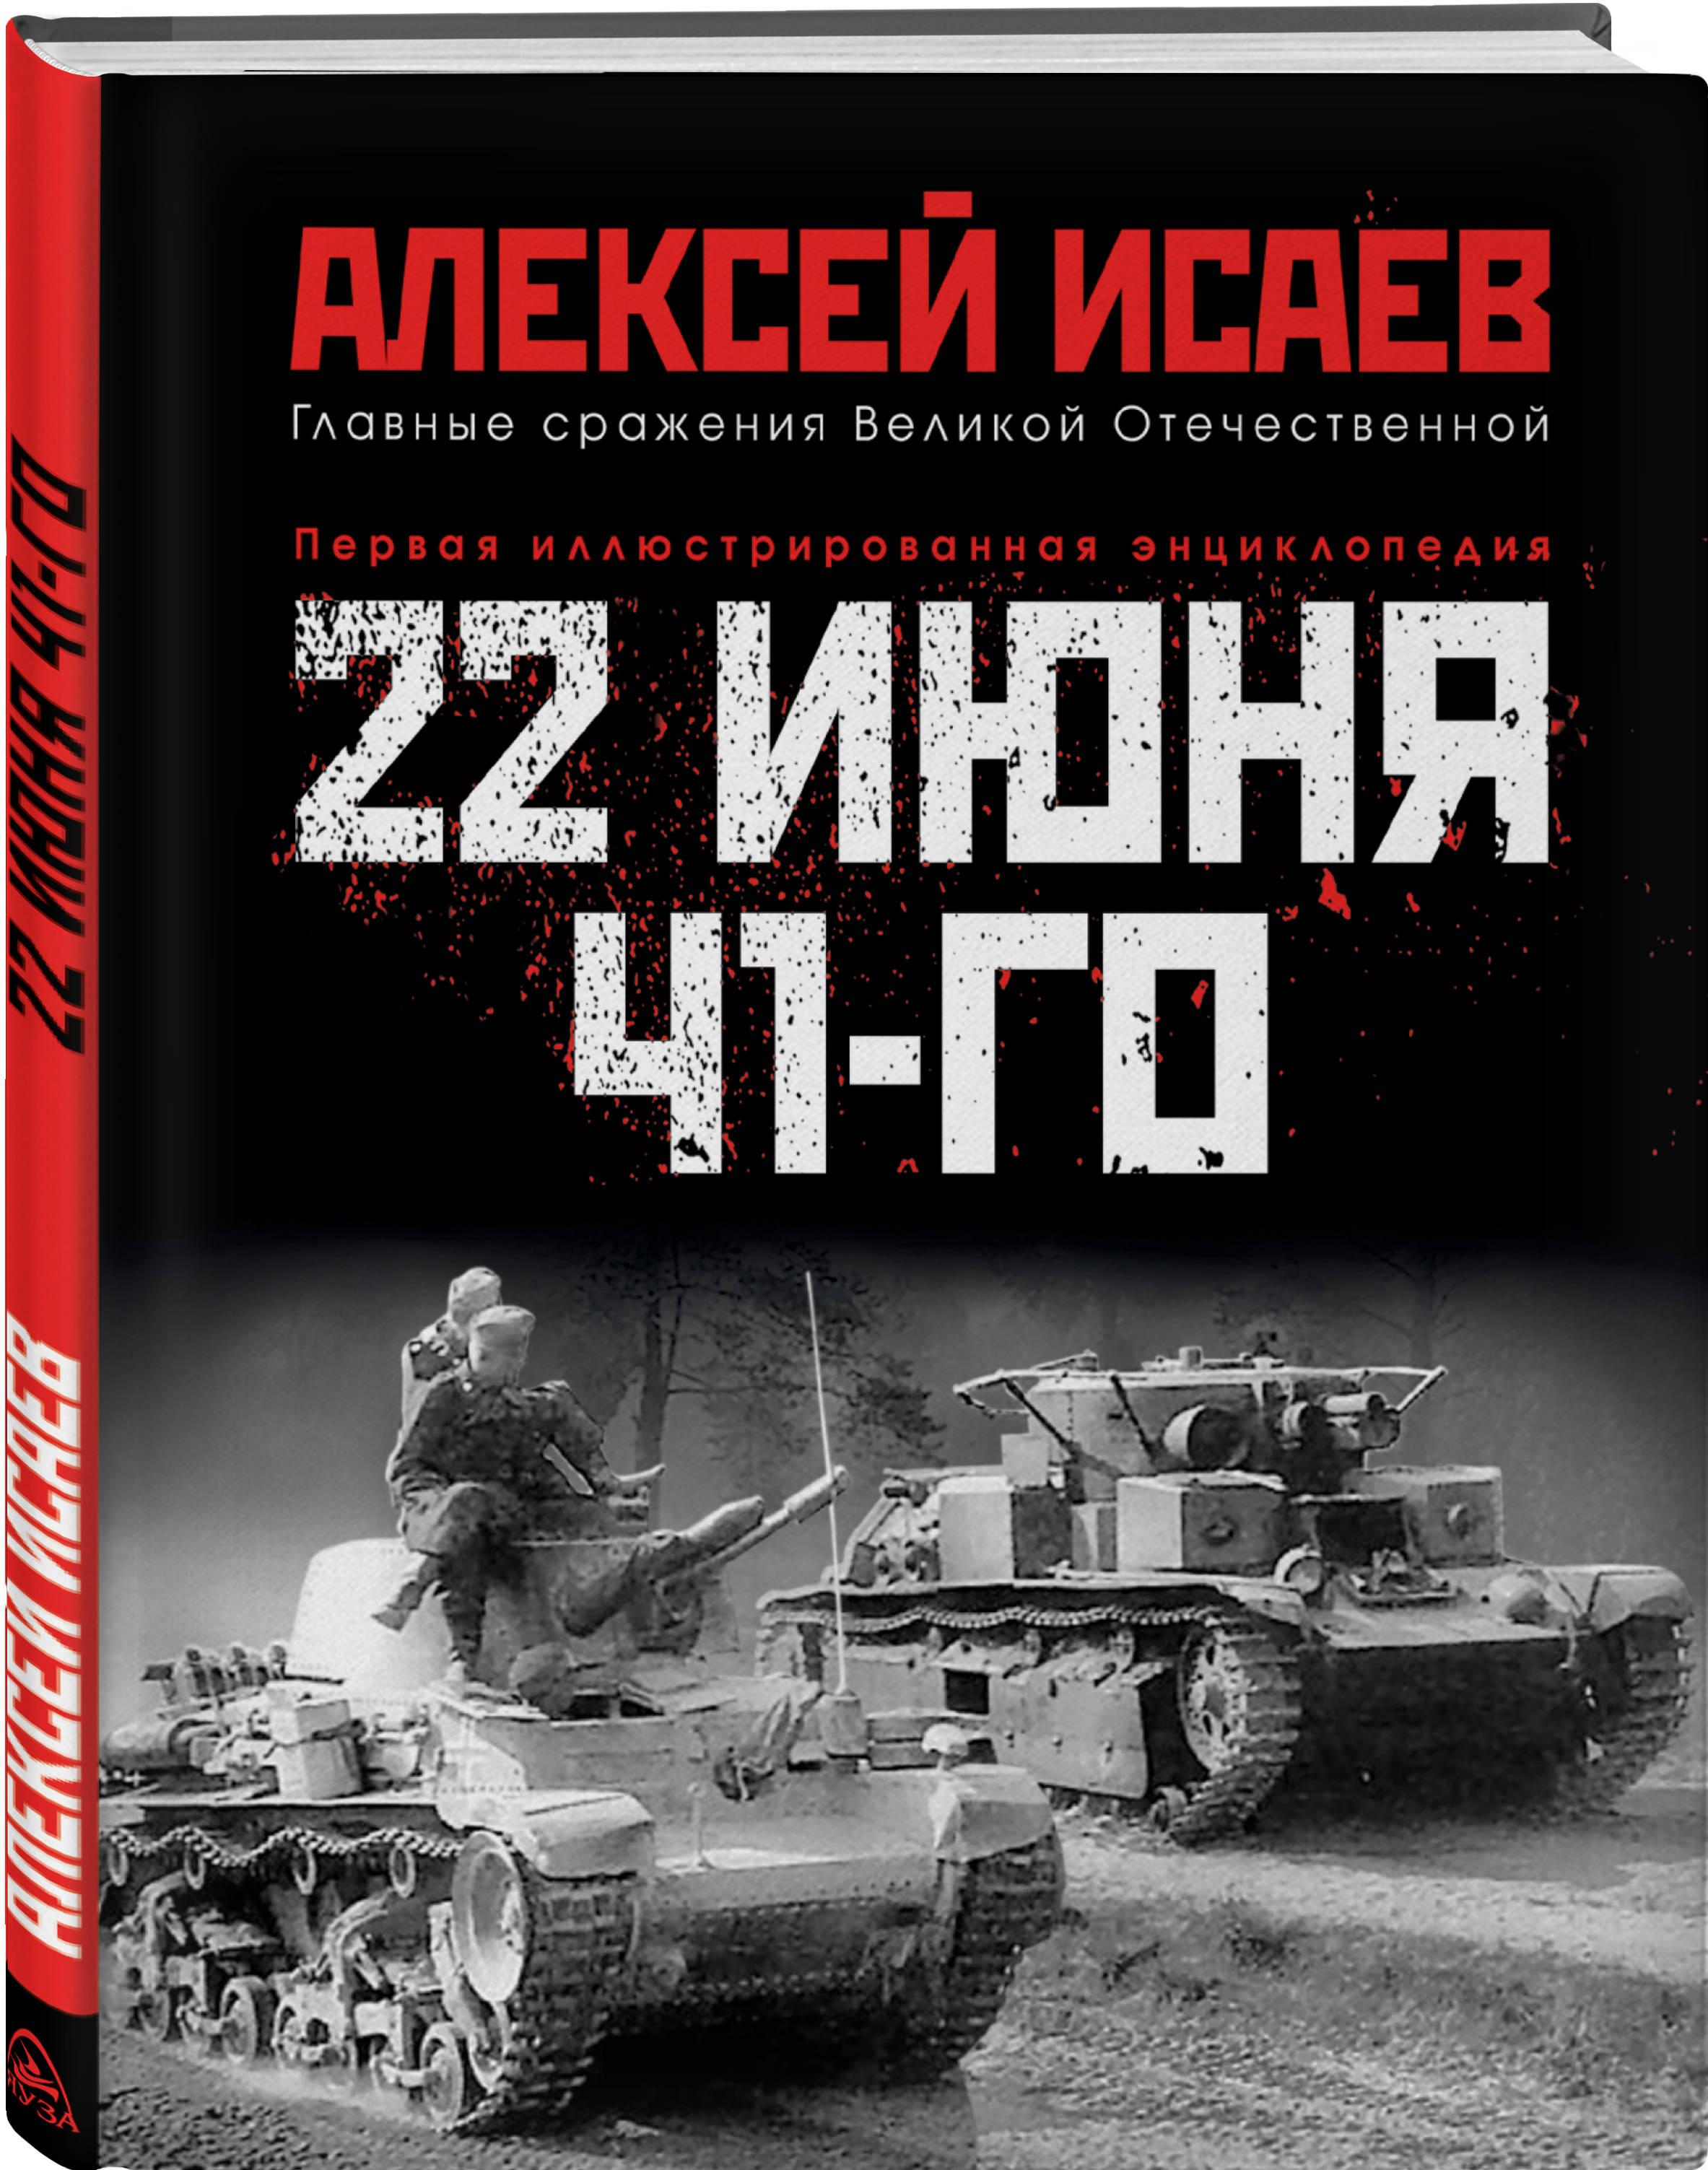 Алексей Исаев 22 июня 41-го: Первая иллюстрированная энциклопедия книги эксмо вторжение 22 июня 1941 года